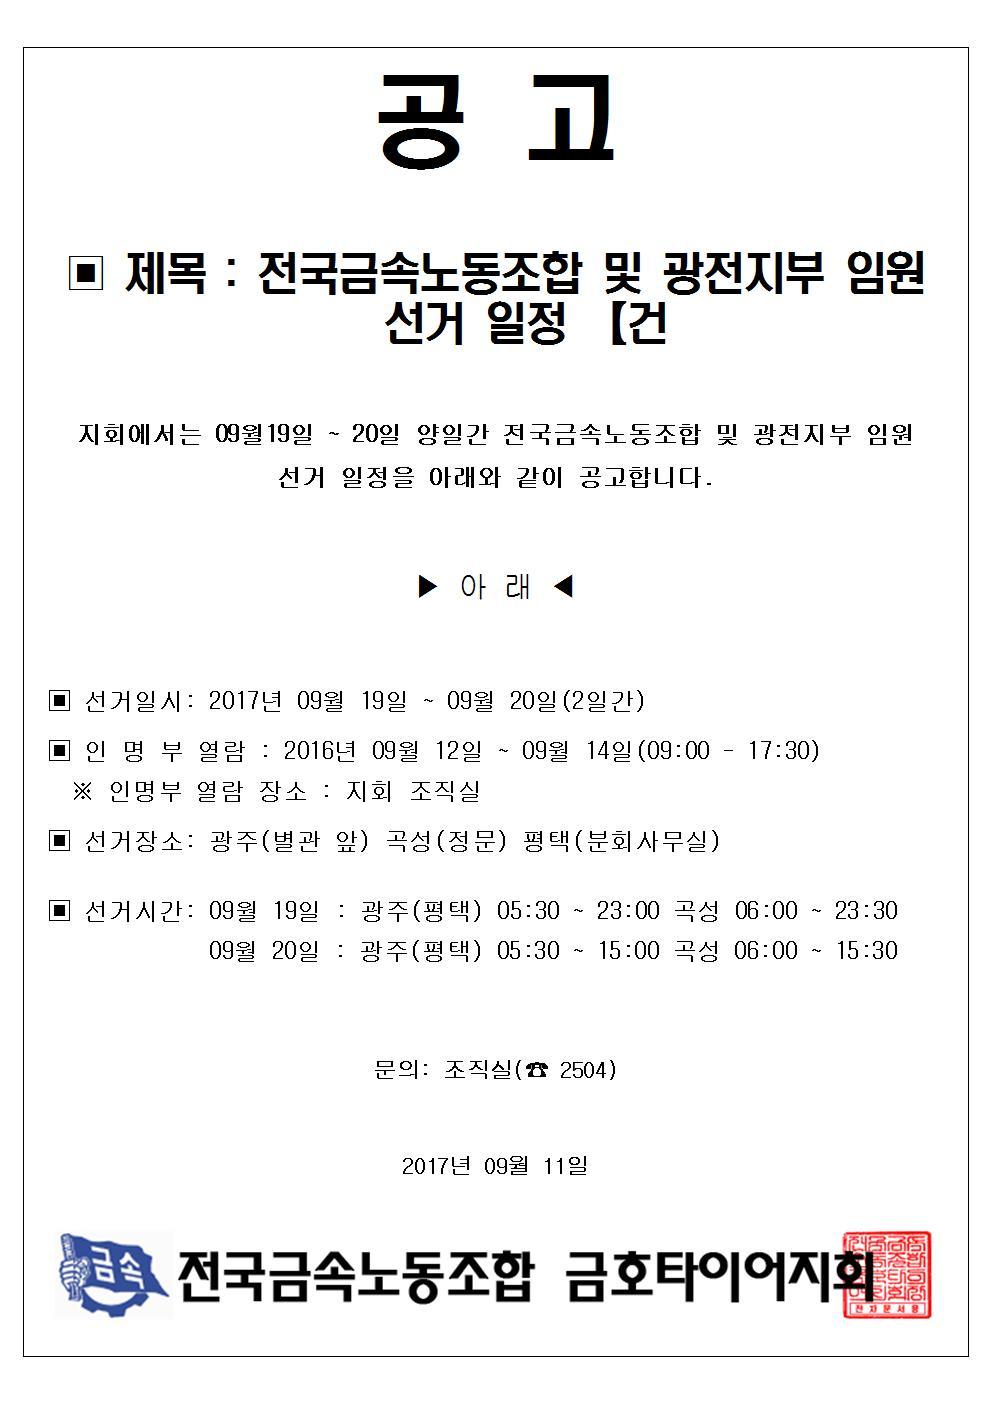 금속임원선거 일정 공고001.jpg